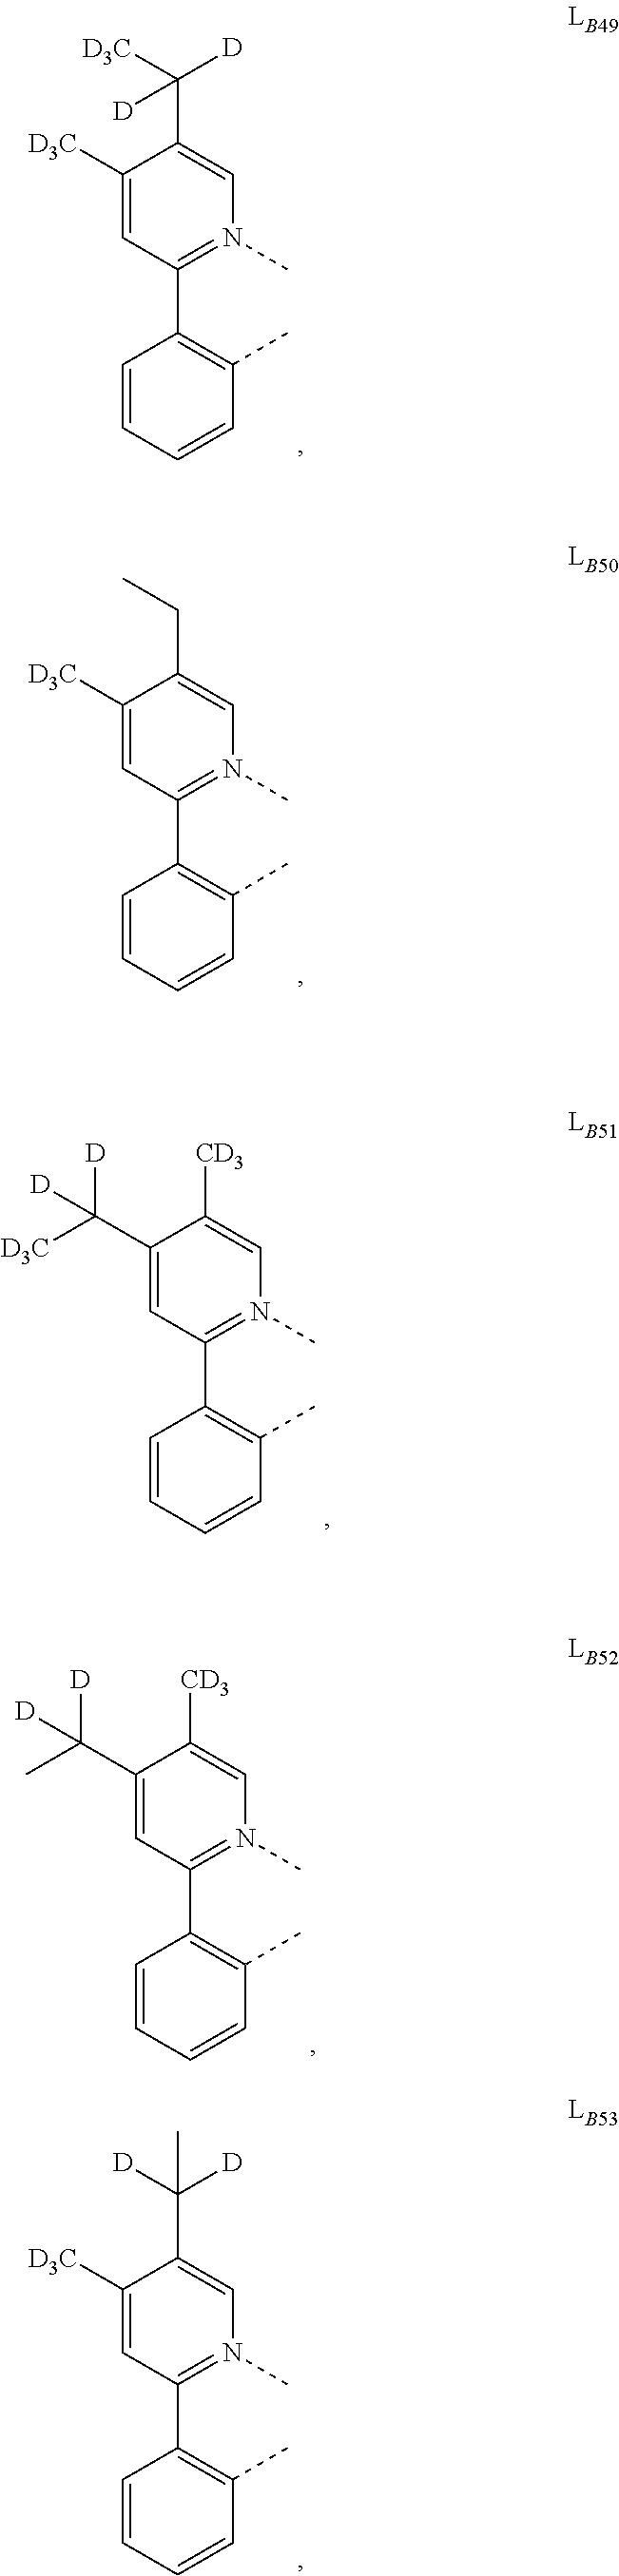 Figure US20160049599A1-20160218-C00123